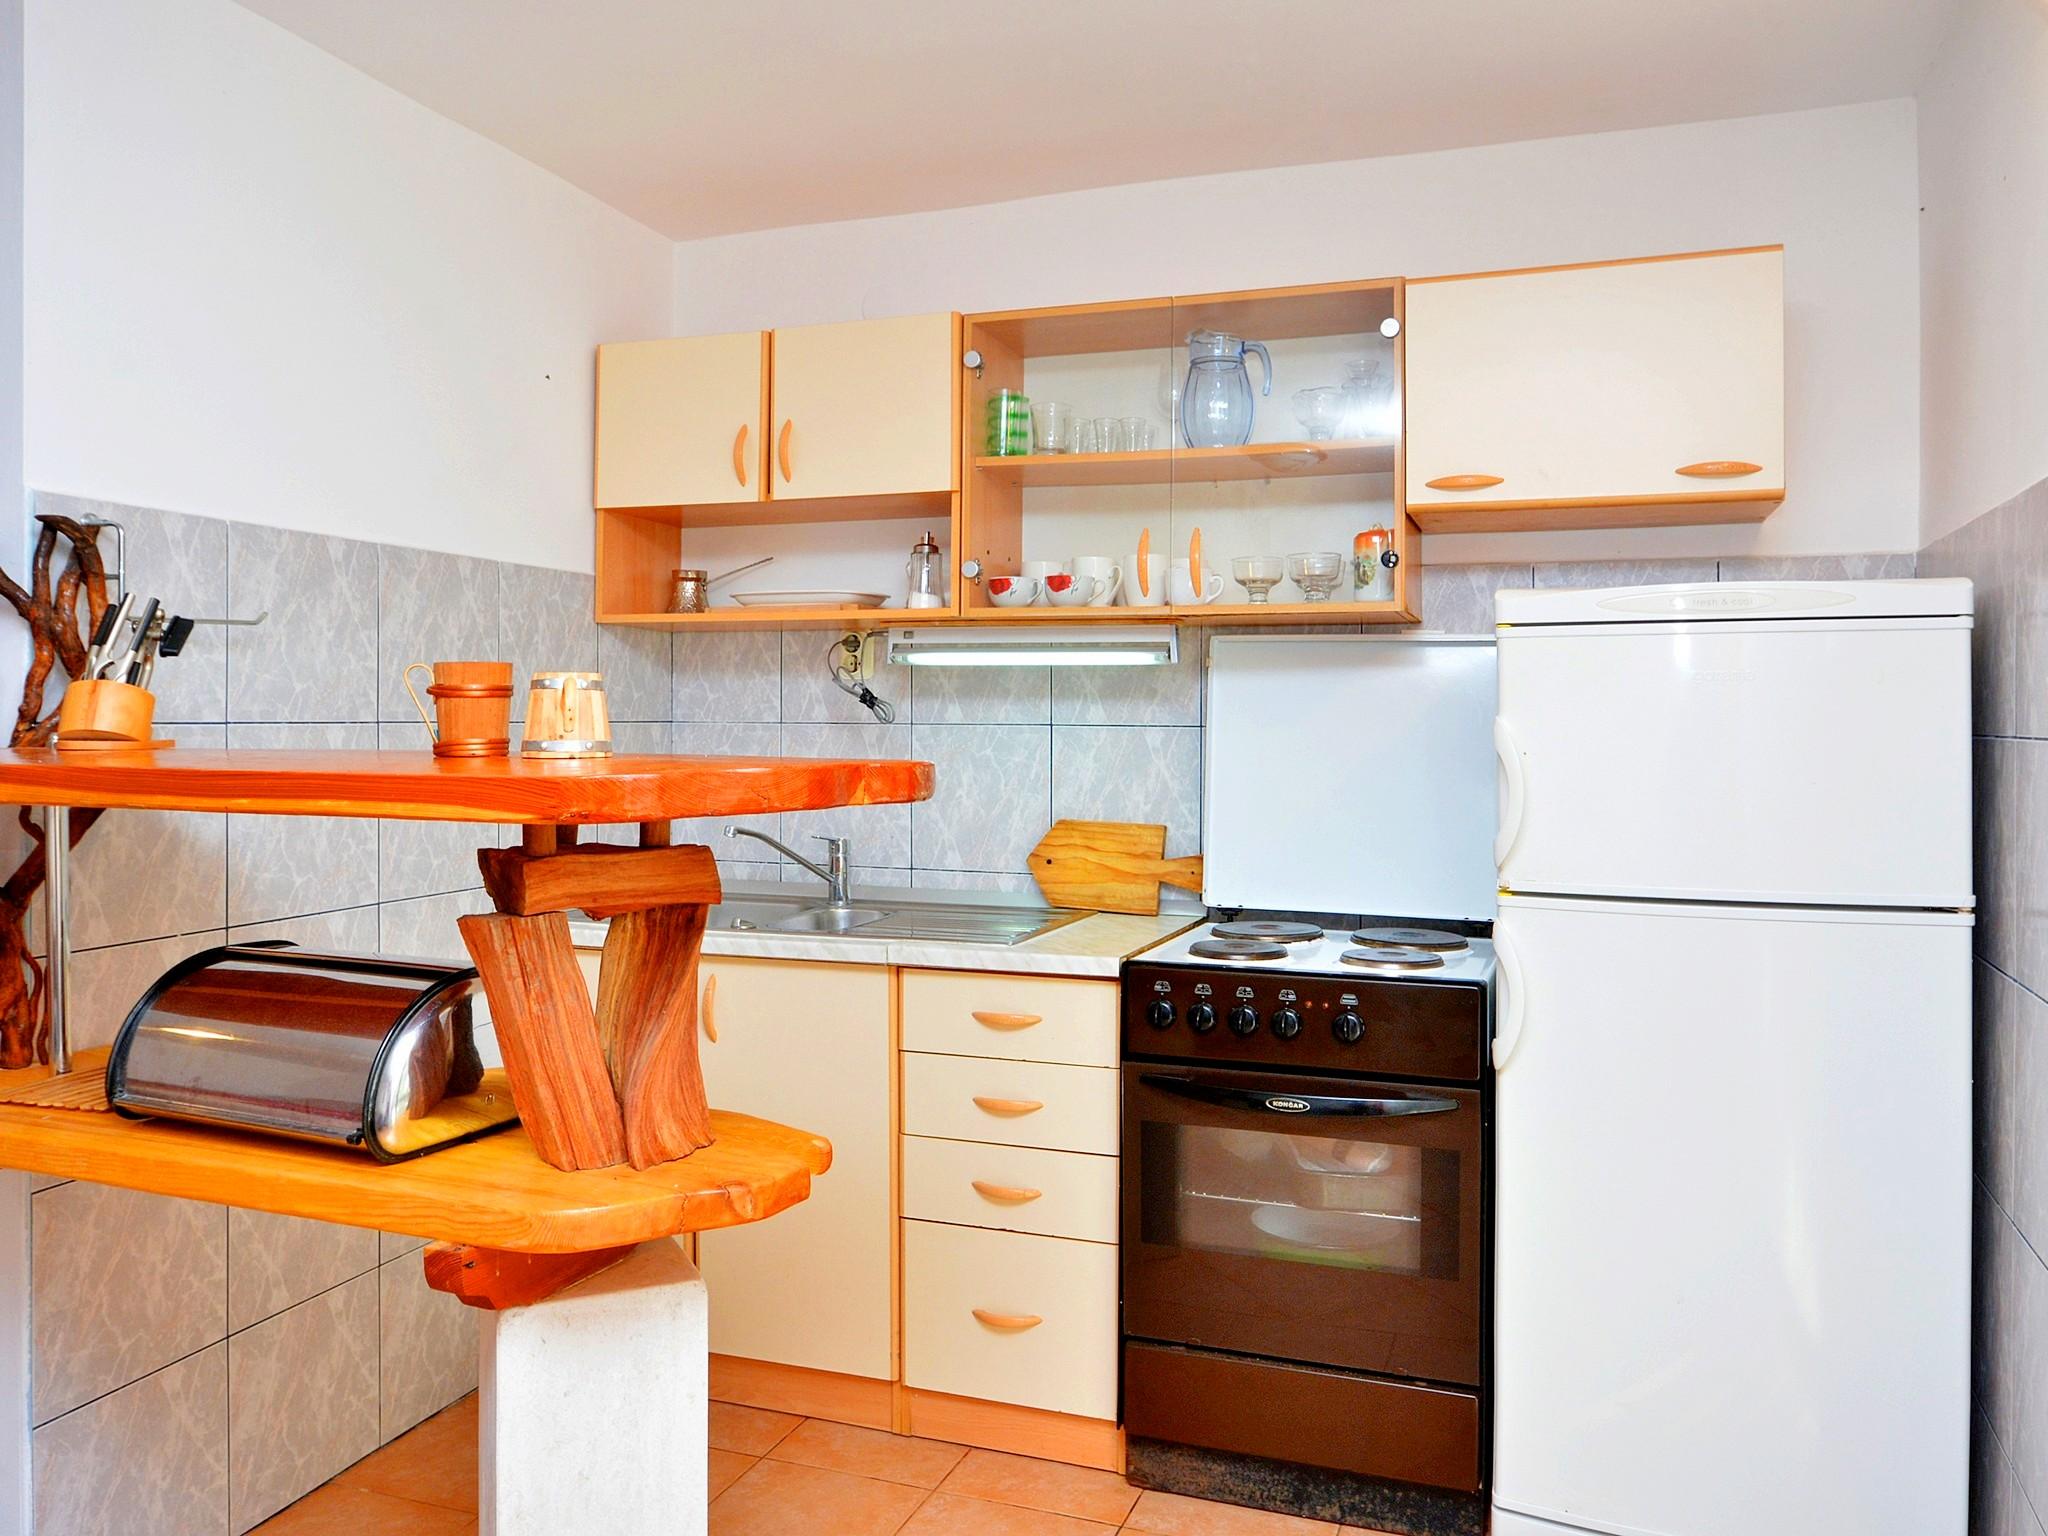 Ferienwohnung Ferienwohnungen Duaan, Apartman A4 (942266), Vrbanj, Insel Hvar, Dalmatien, Kroatien, Bild 16